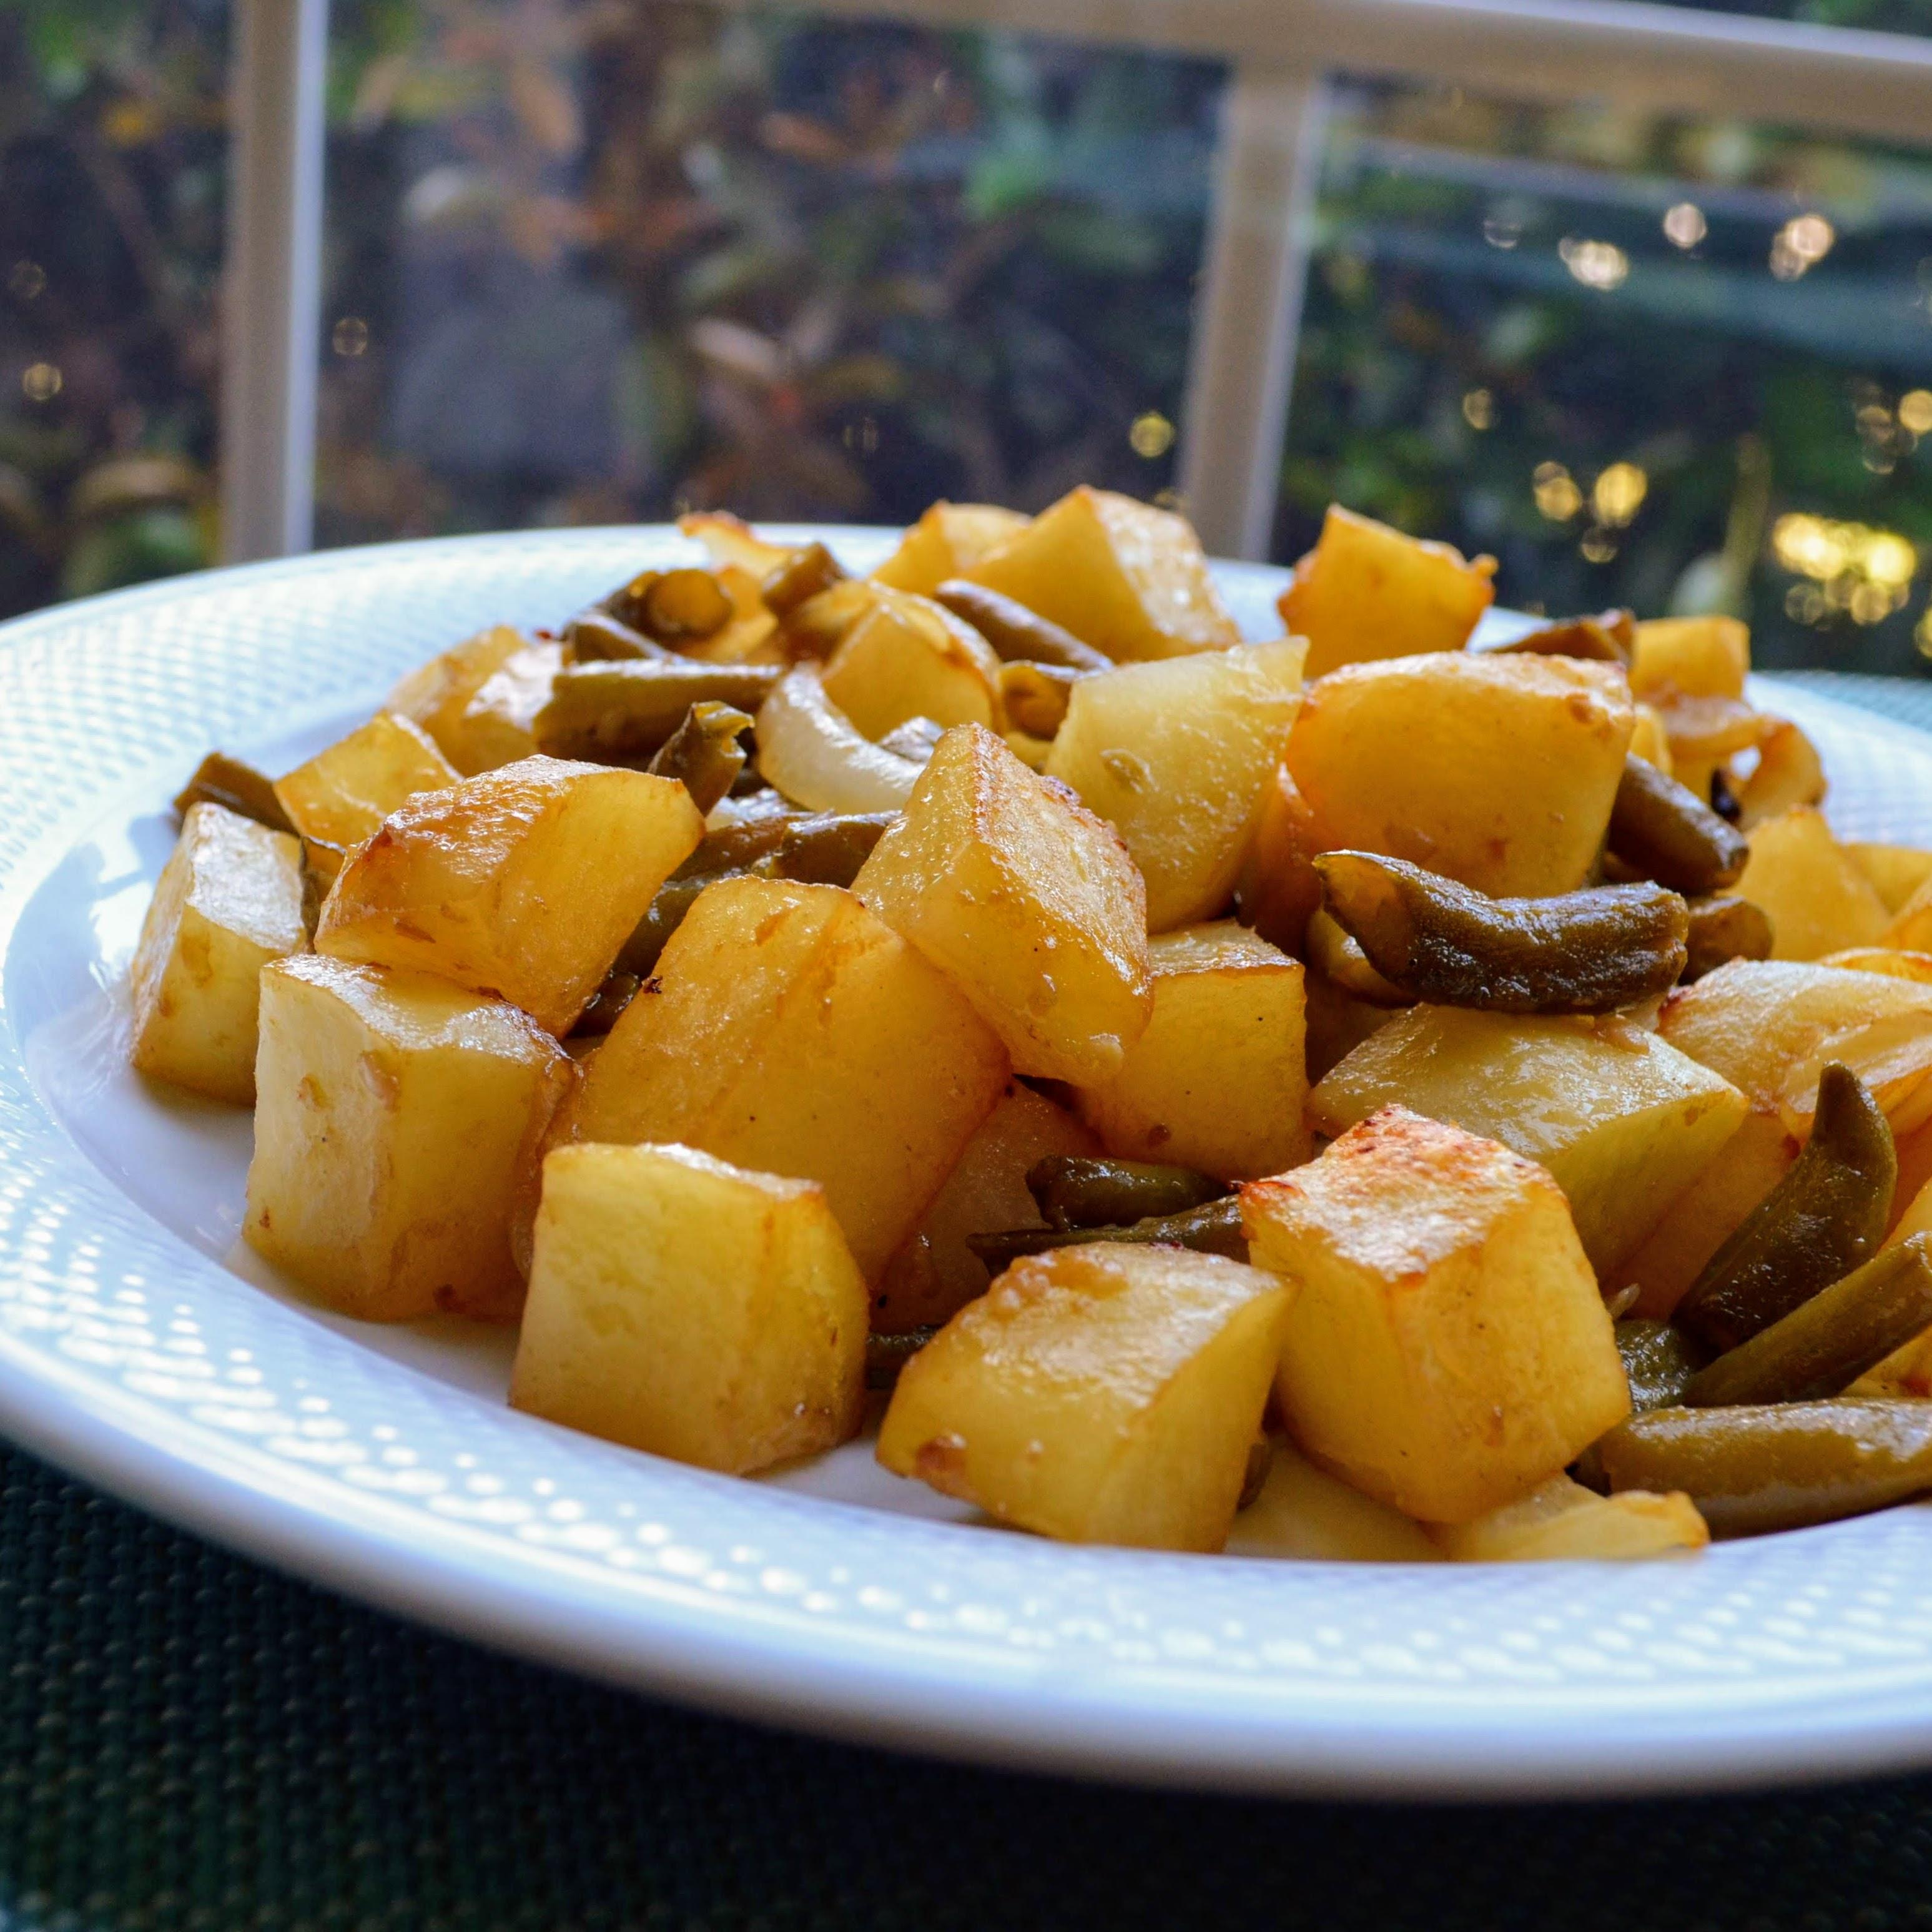 Maple-Mustard Glazed Vegetables